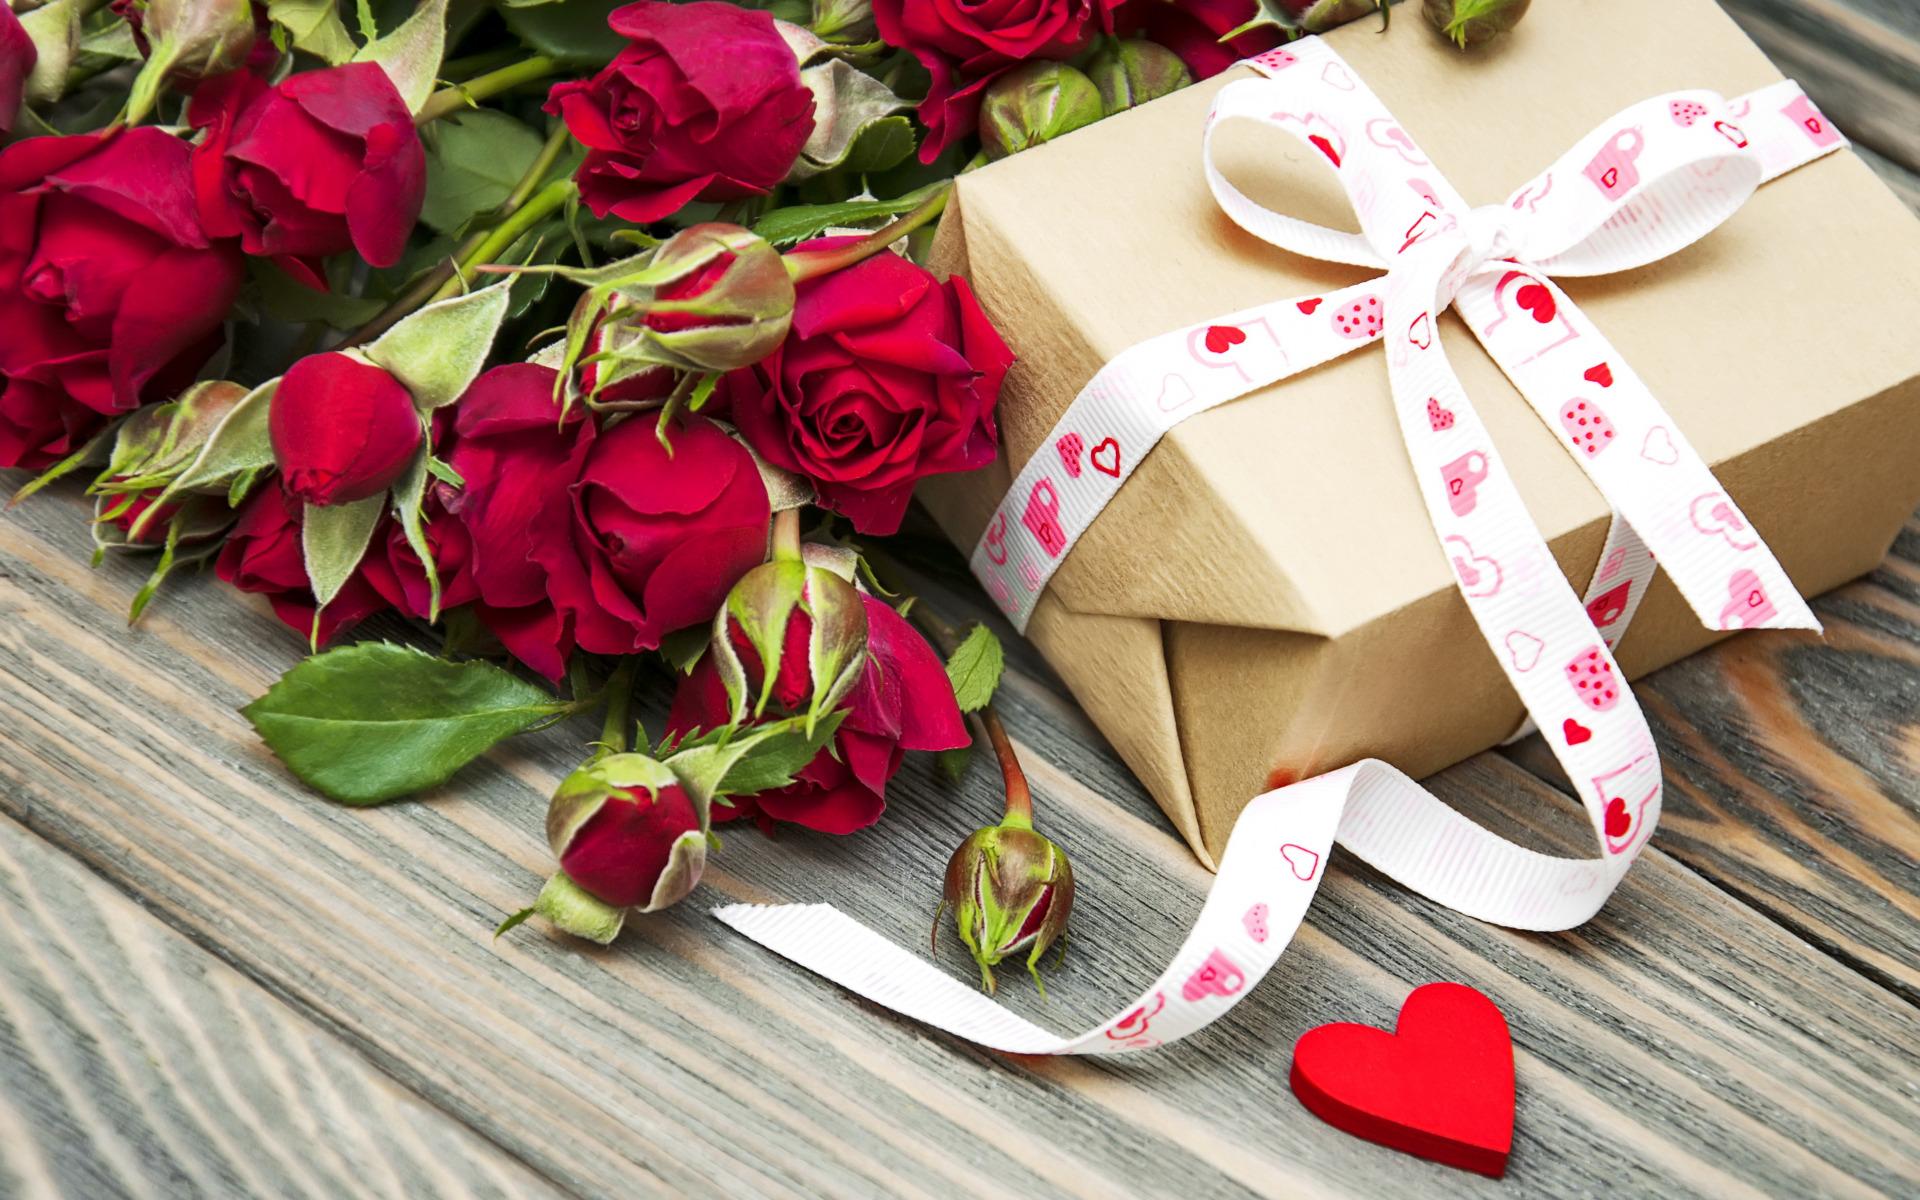 листьях картинки с днем рождения с подарком и букетом же, первую очередь